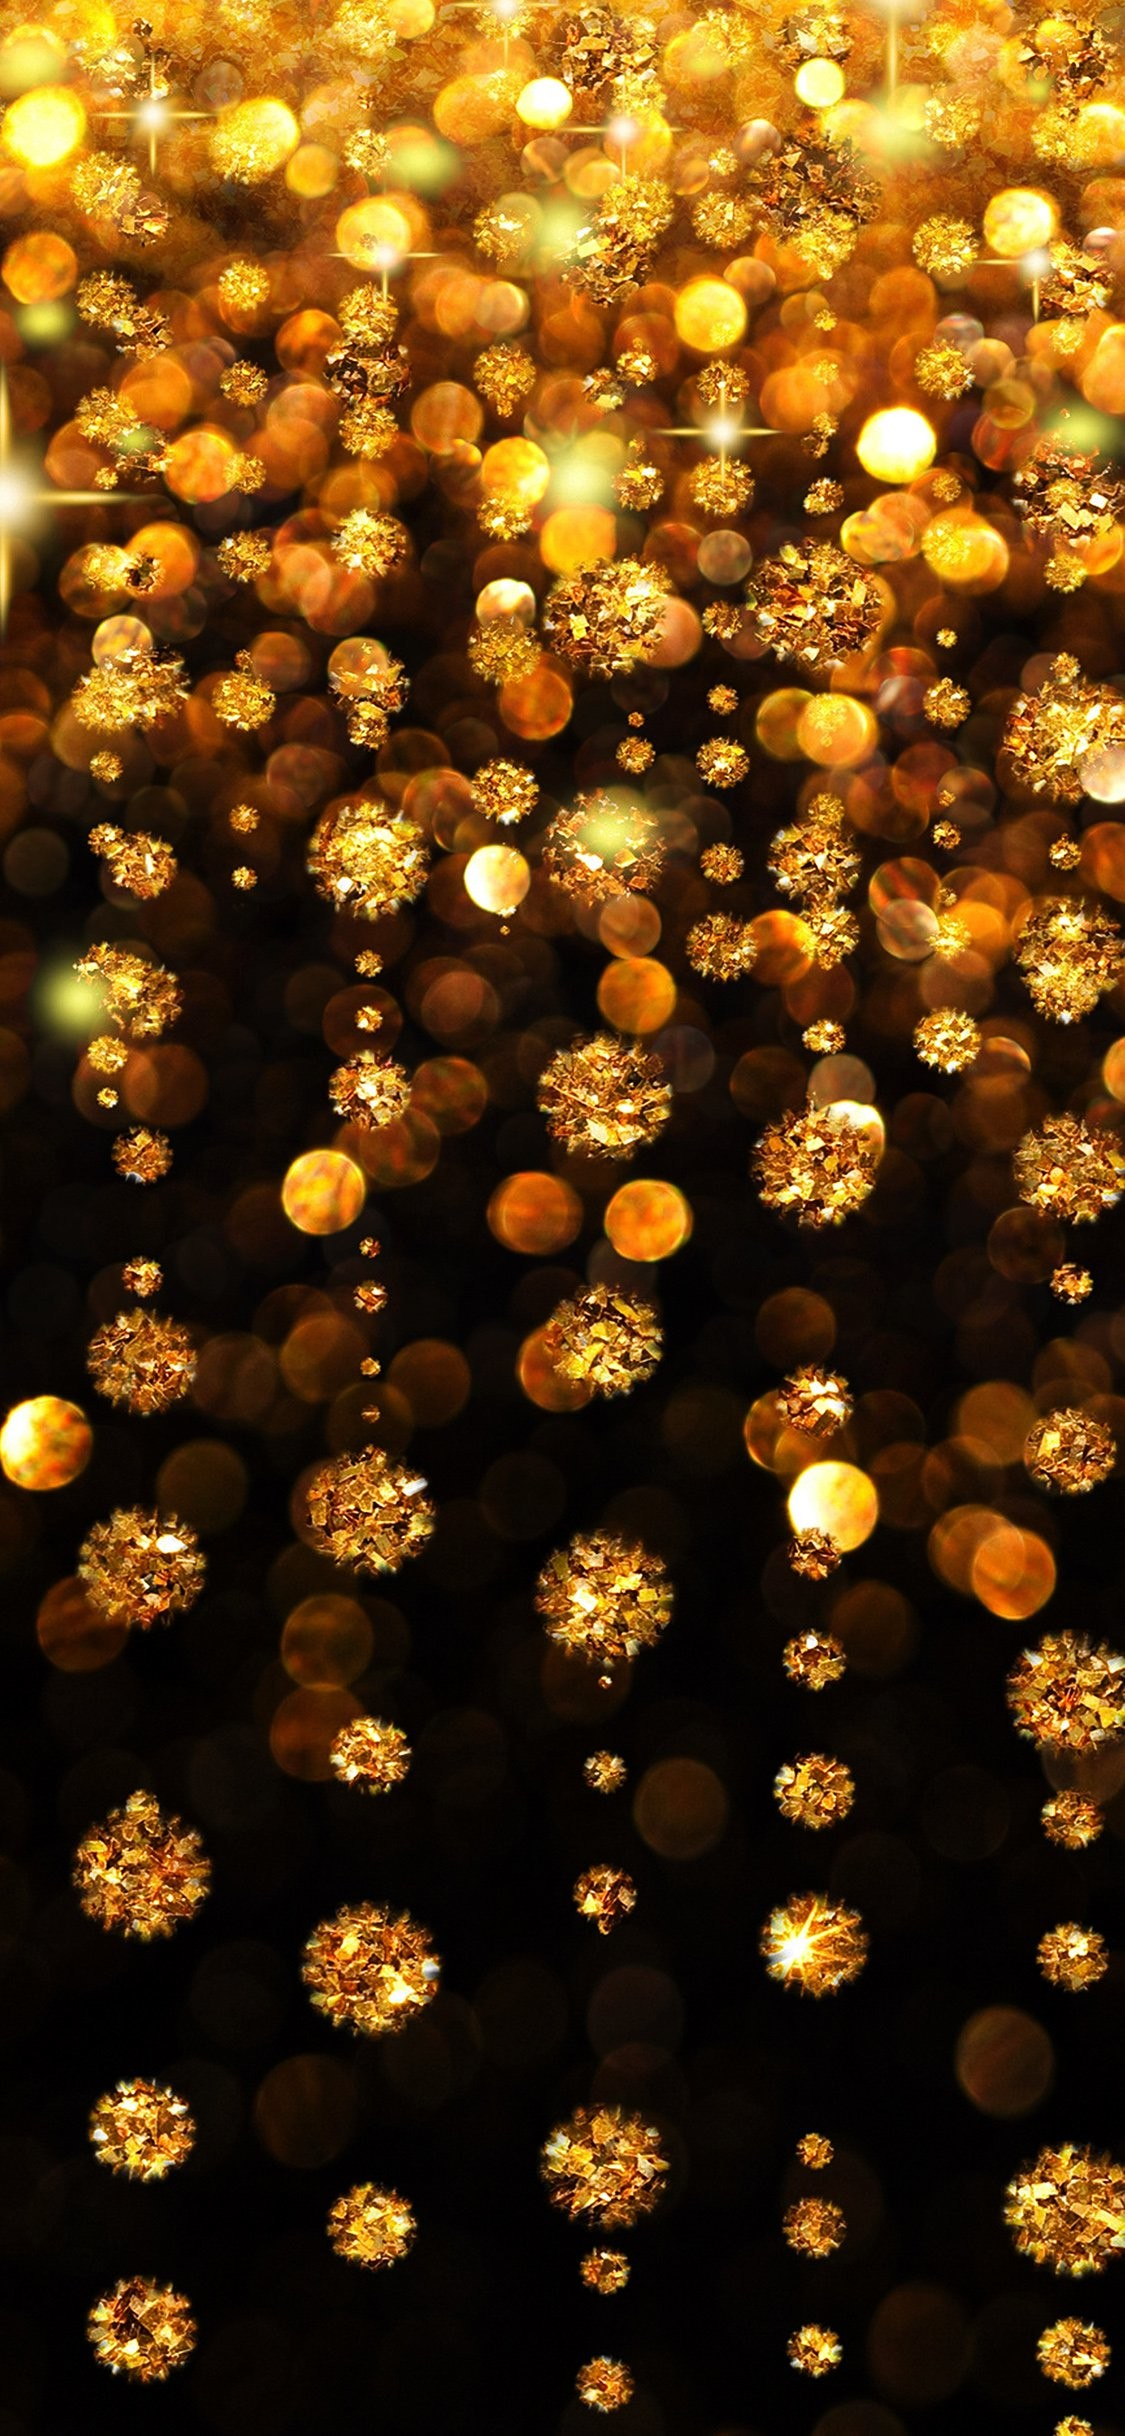 1492276 widescreen christmas lights iphone wallpaper